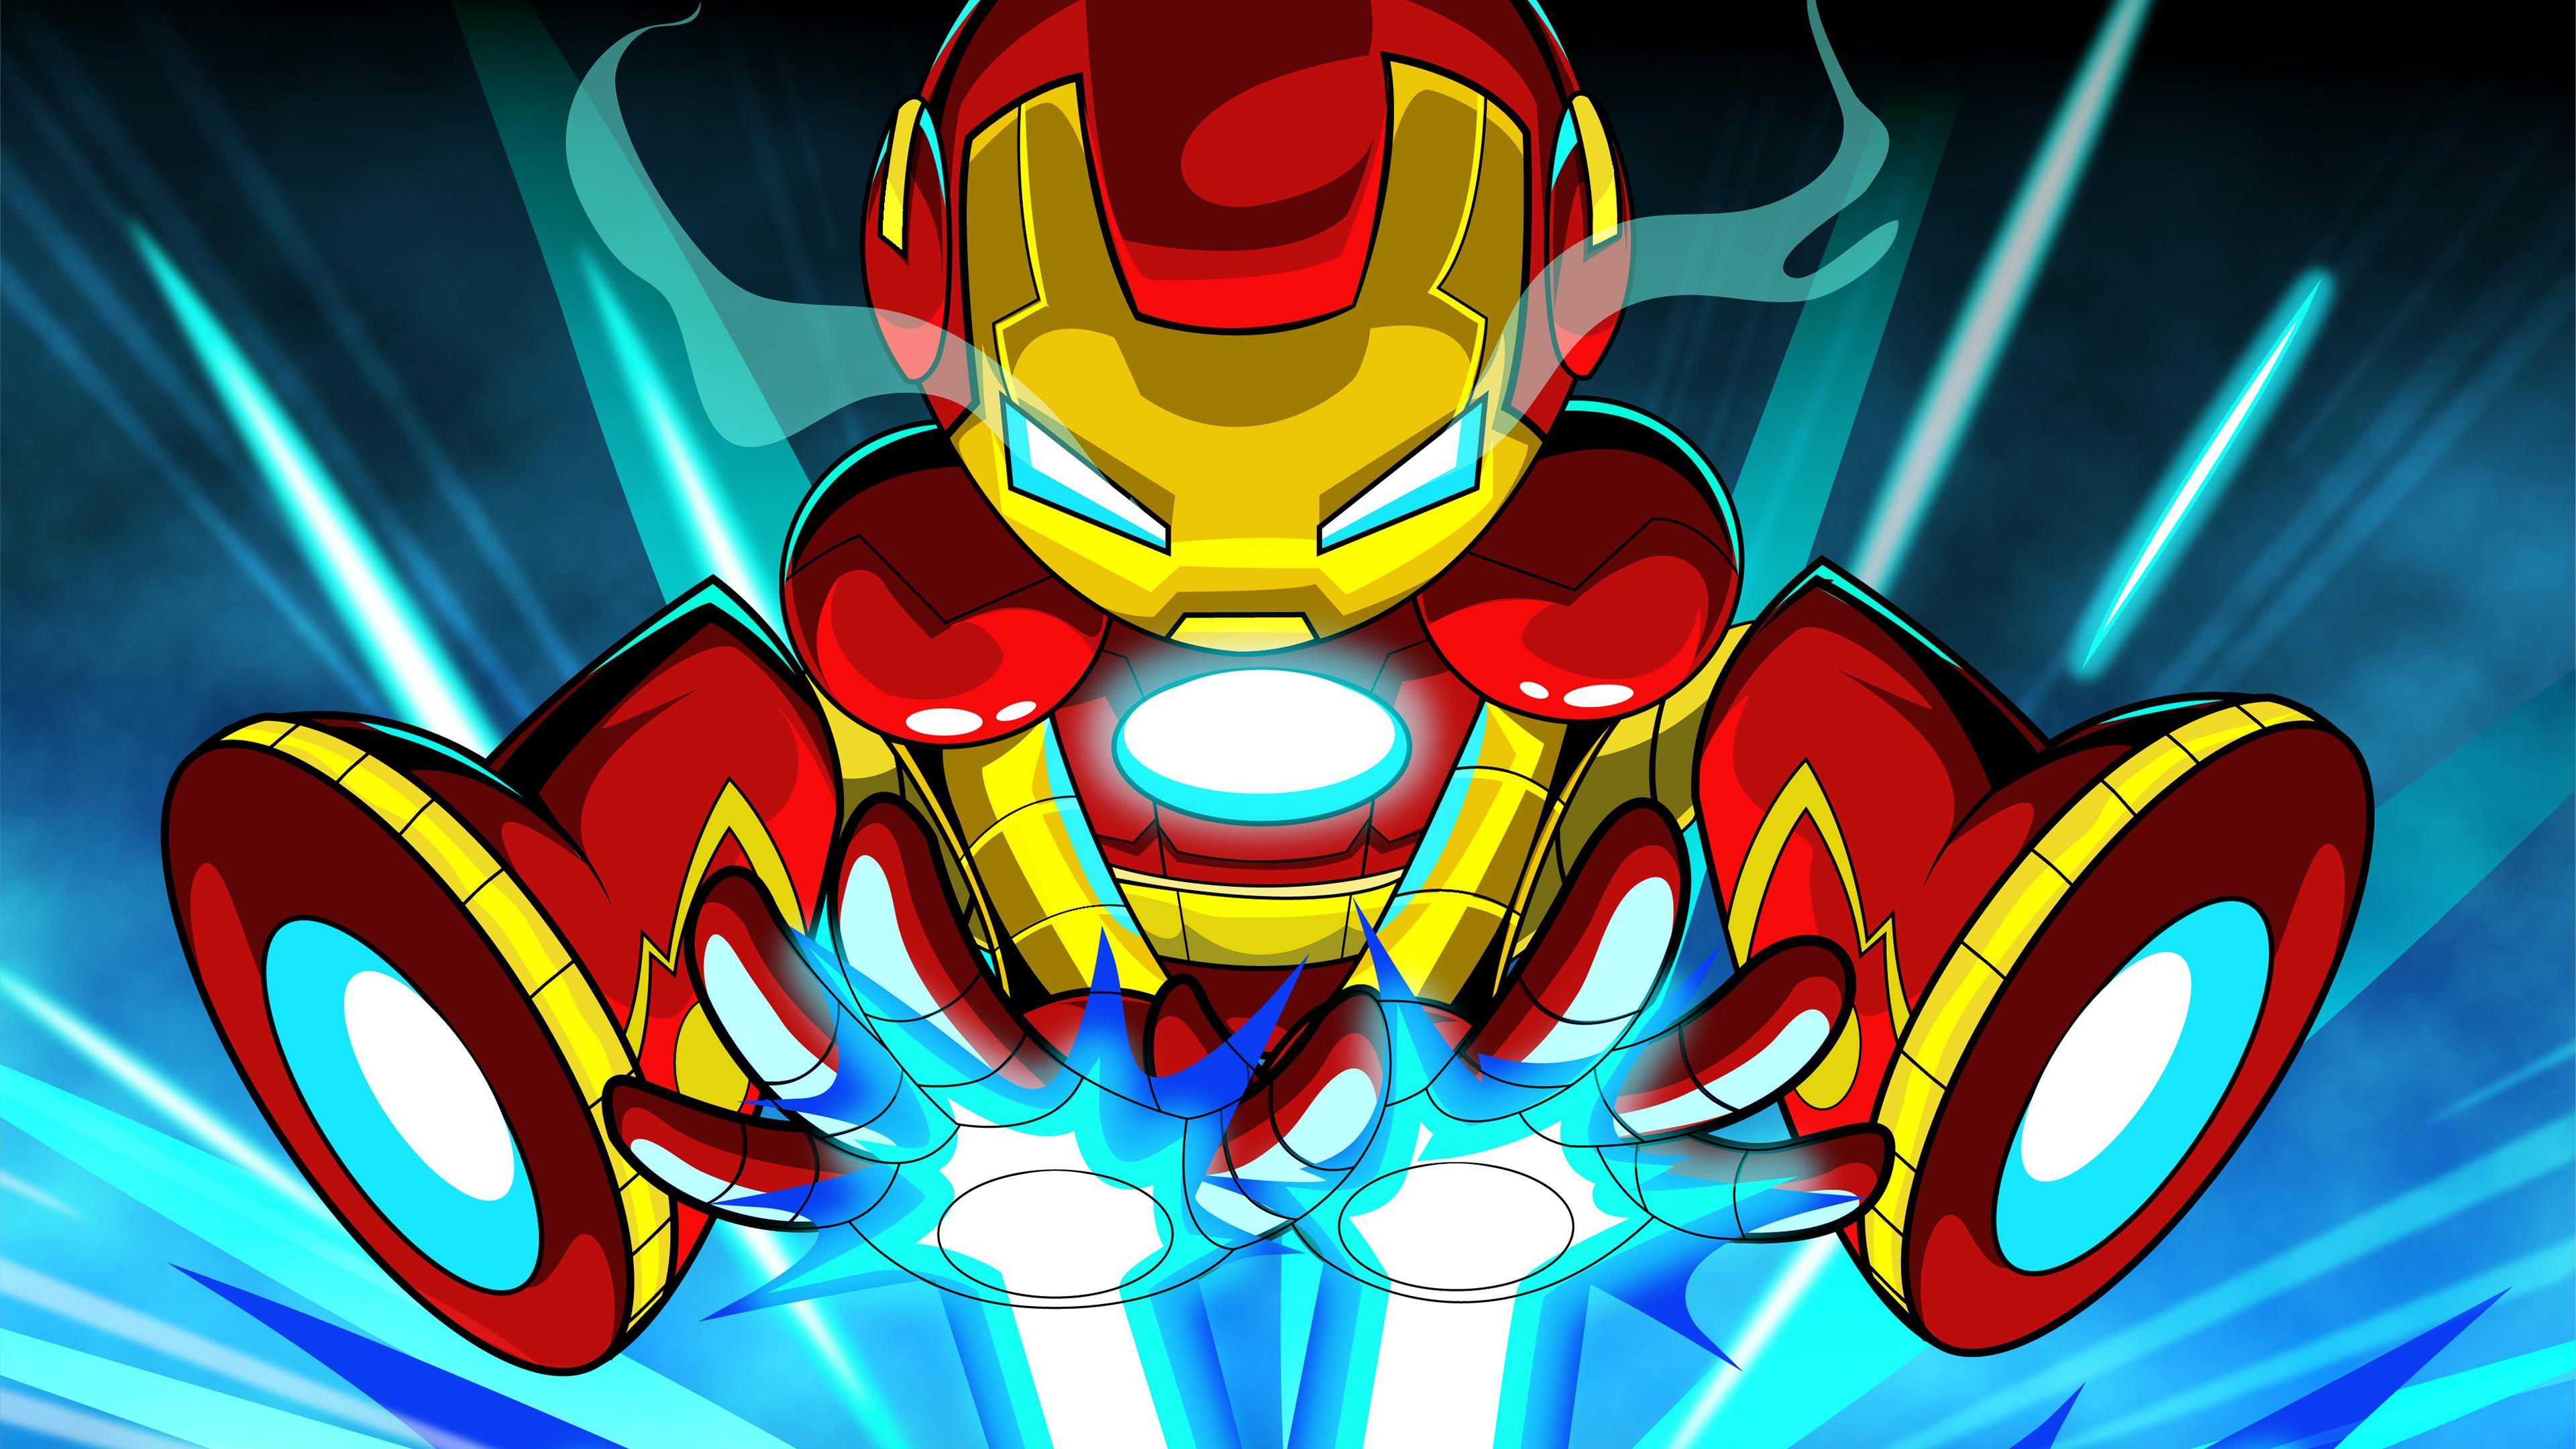 Iron Man Cartoon Wallpaper Iron Man Wallpaper 4k 126204 Hd Wallpaper Backgrounds Download